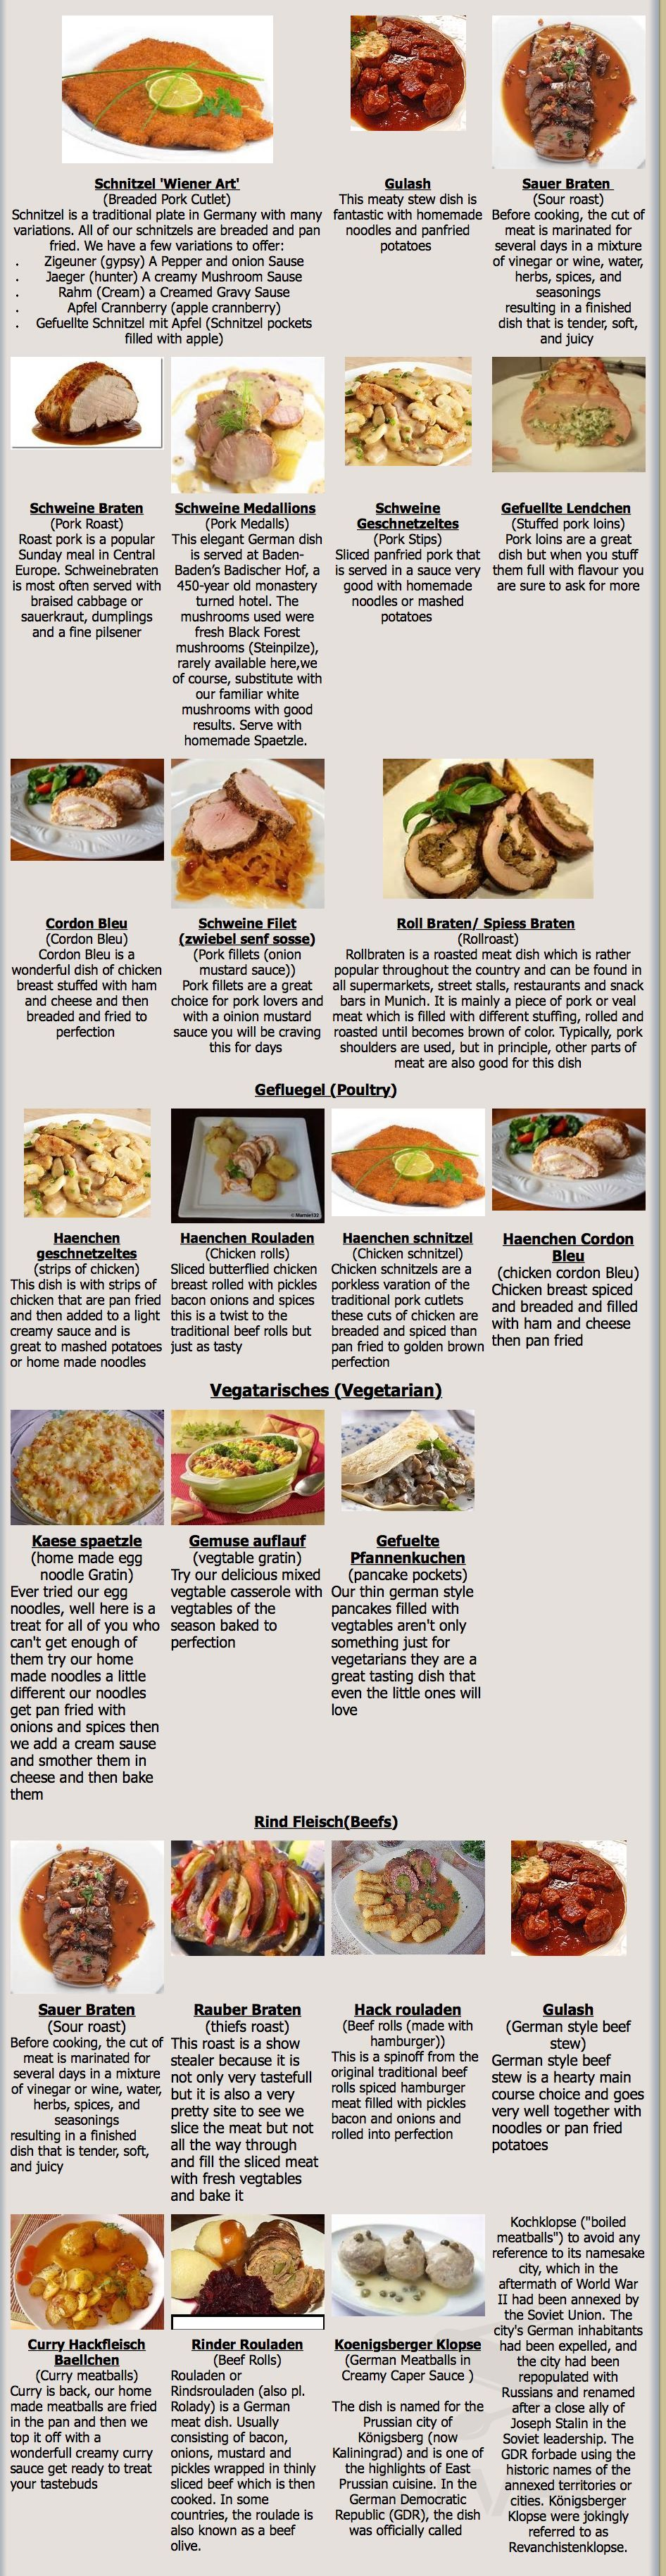 Menu for omas kitchen main menu page 1 of 2